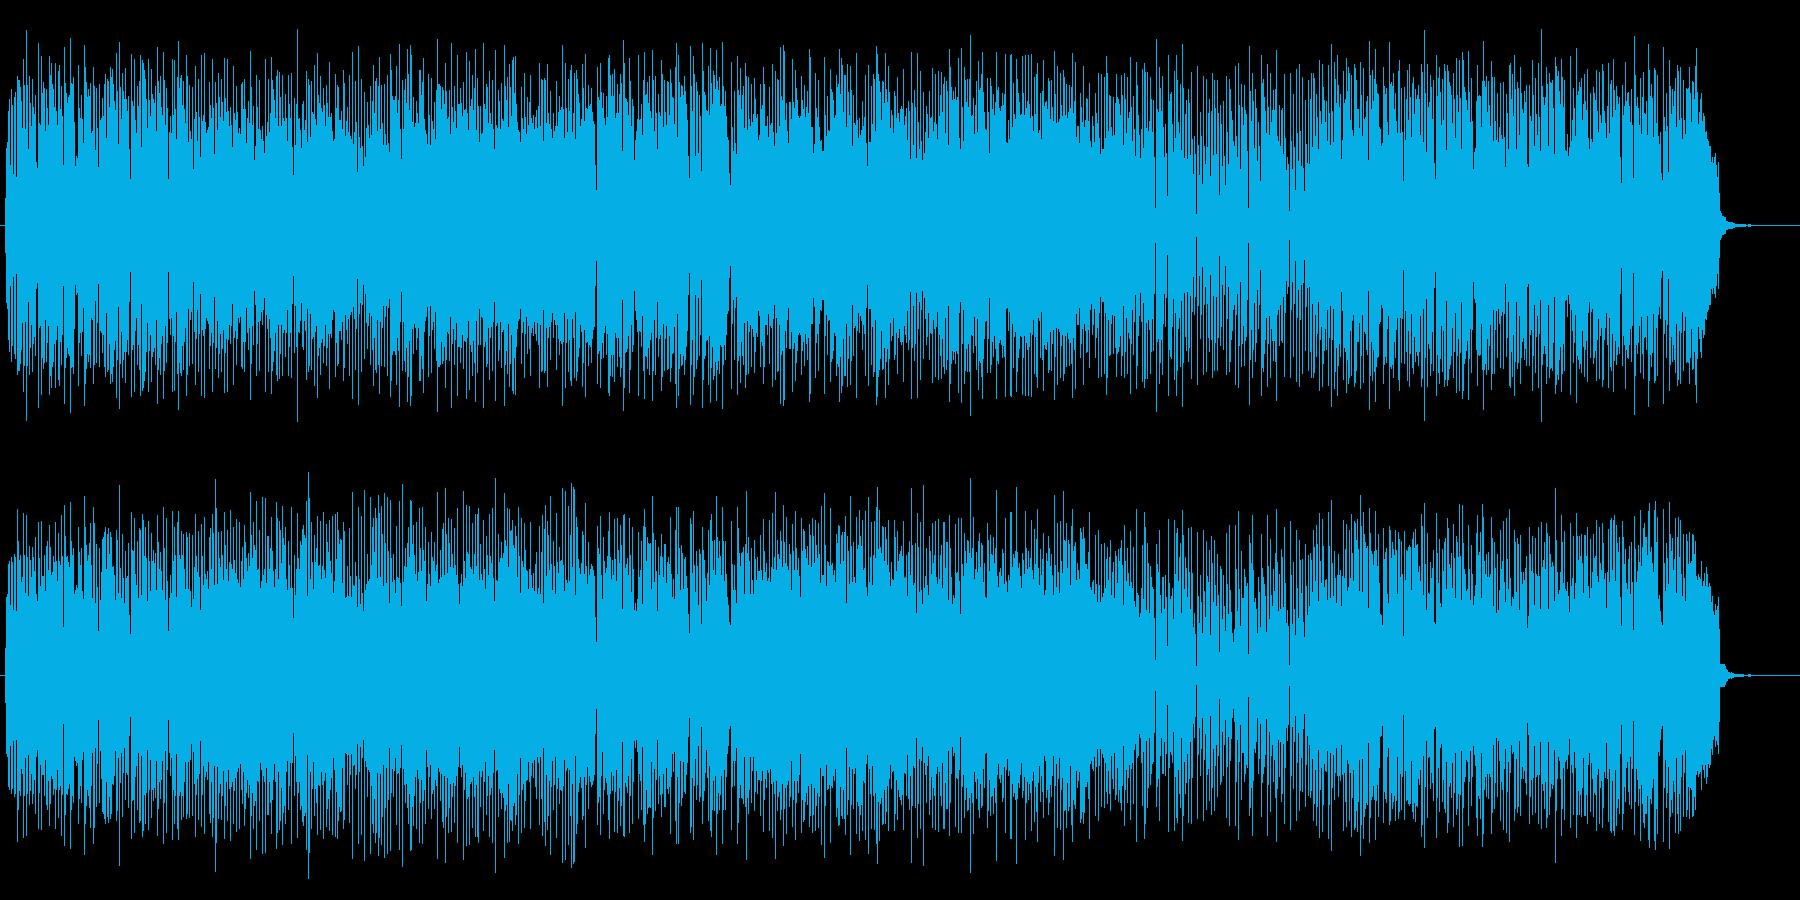 優しさと爽やかさのあるポップなBGMの再生済みの波形